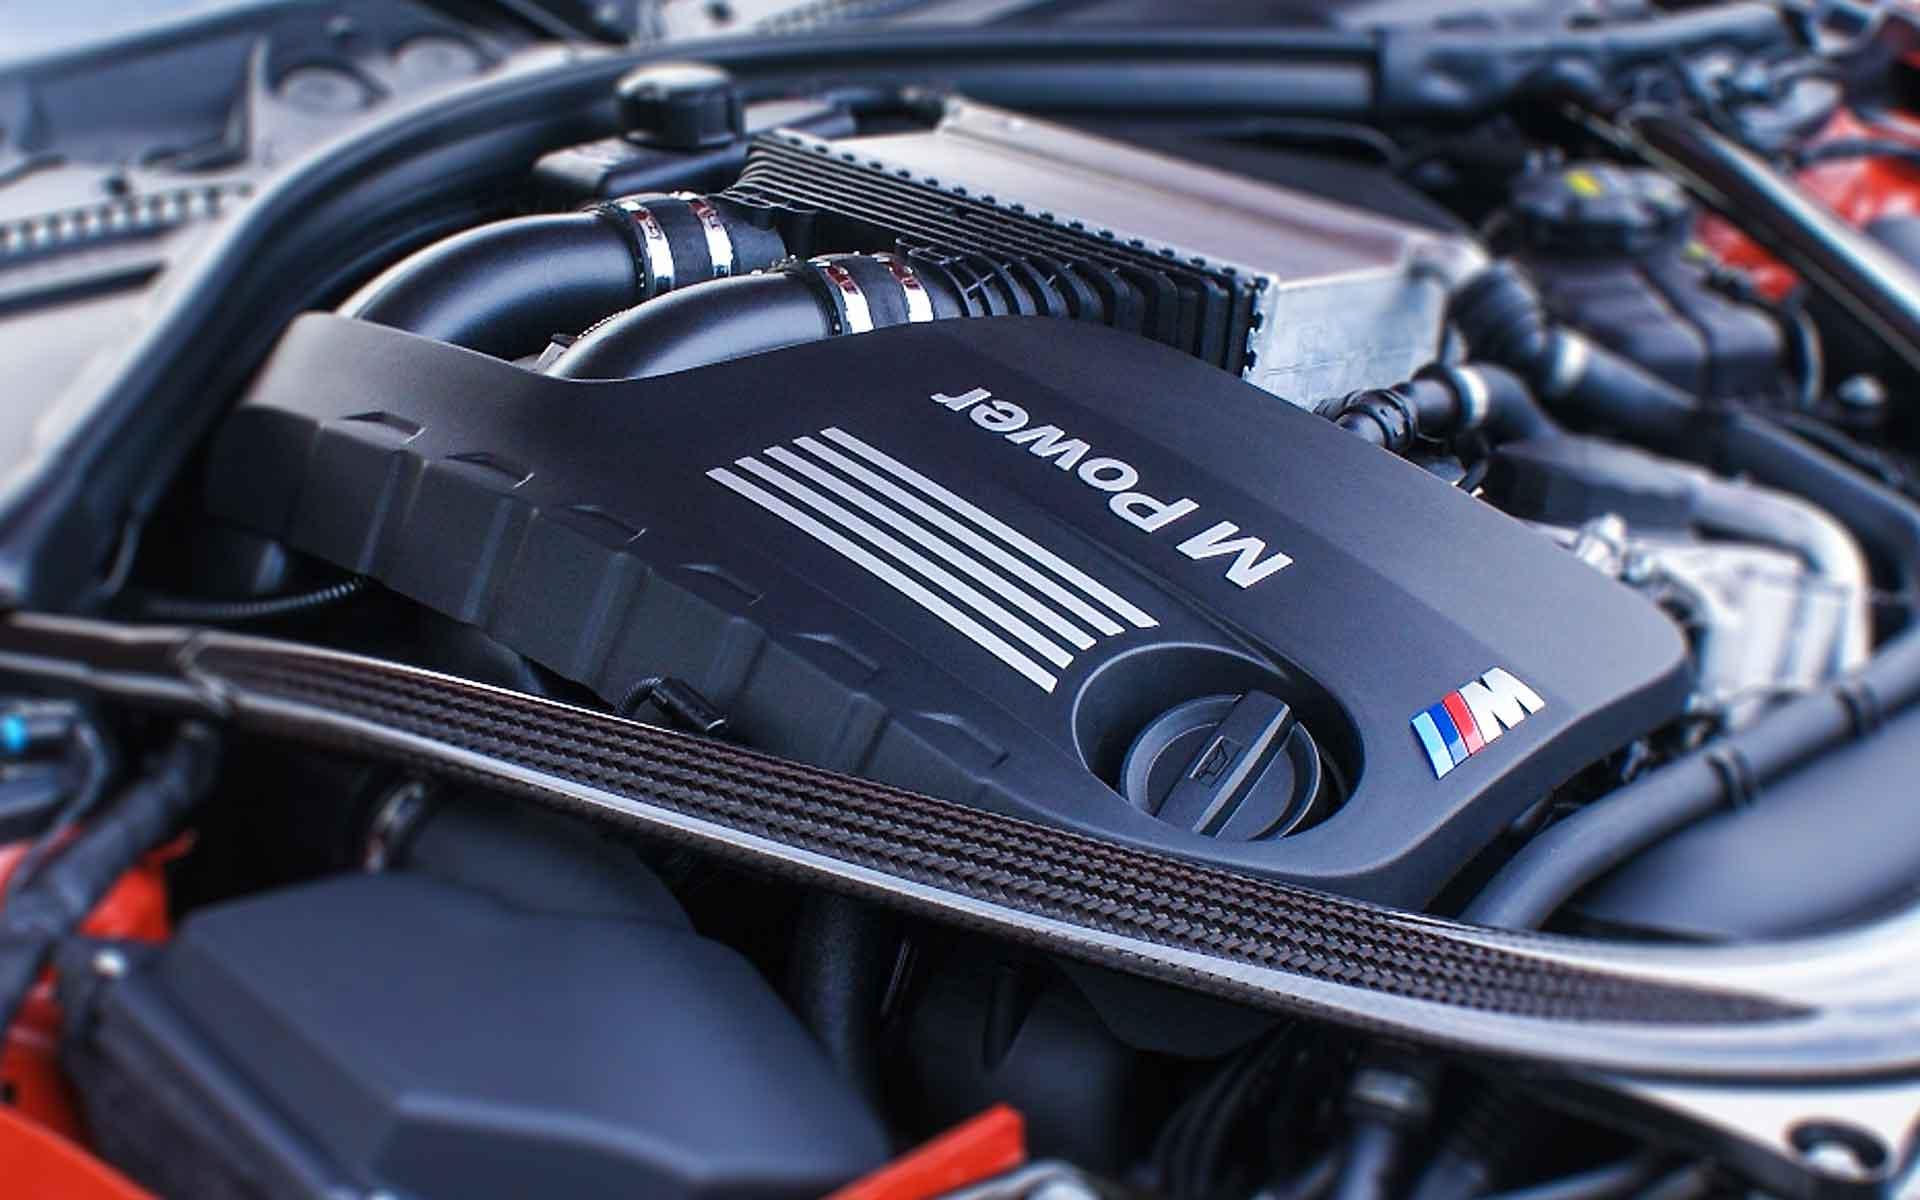 Der S55B30 Motor im BMW F82 M4